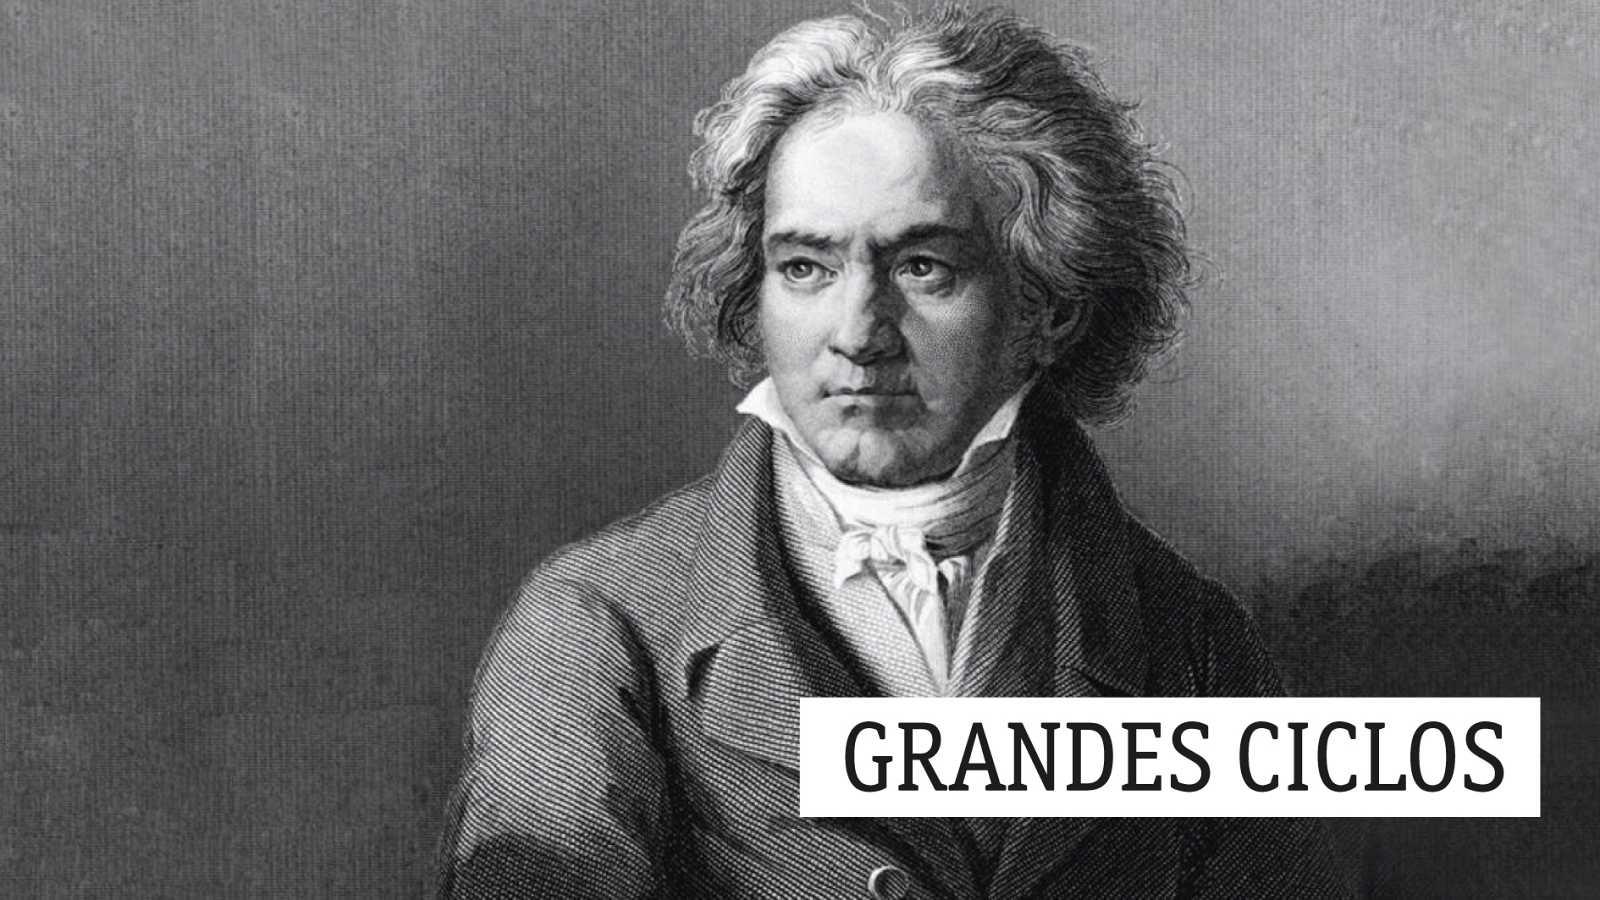 Grandes ciclos - L. van Beethoven (CXV): Siempre será un misterio - 02/11/20 - escuchar ahora